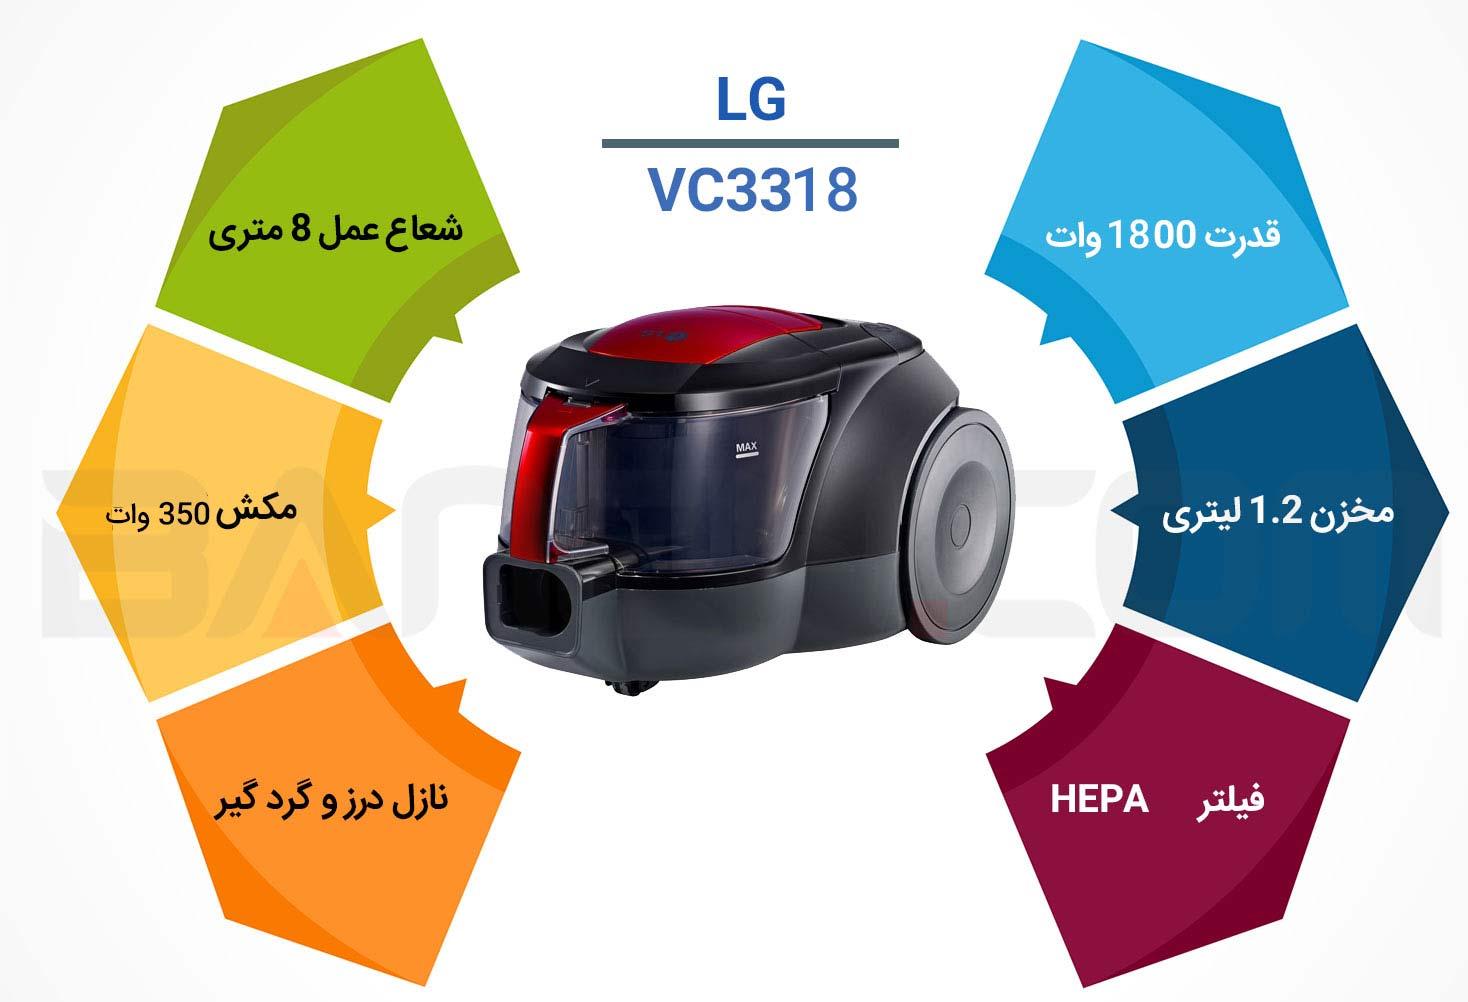 اینفوگرافی جاروبرقی ال جی vc3318